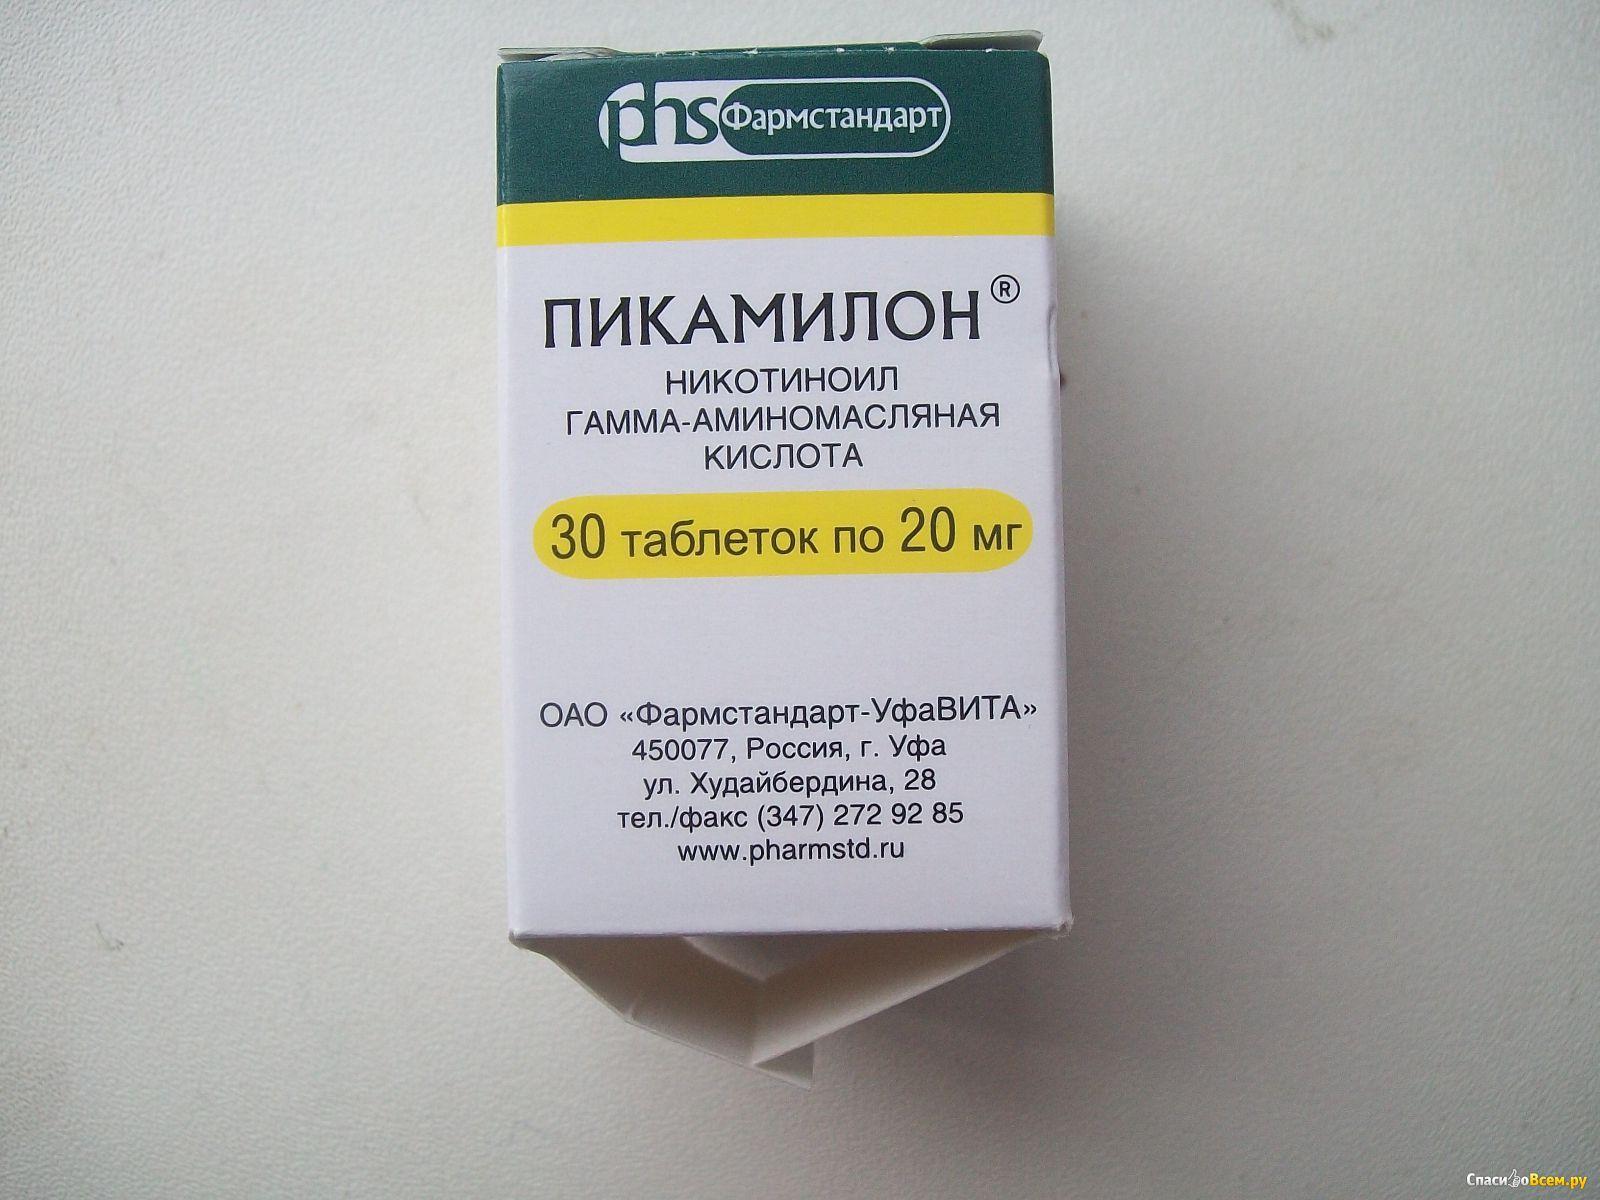 лекарство после инсульта для восстановления речи